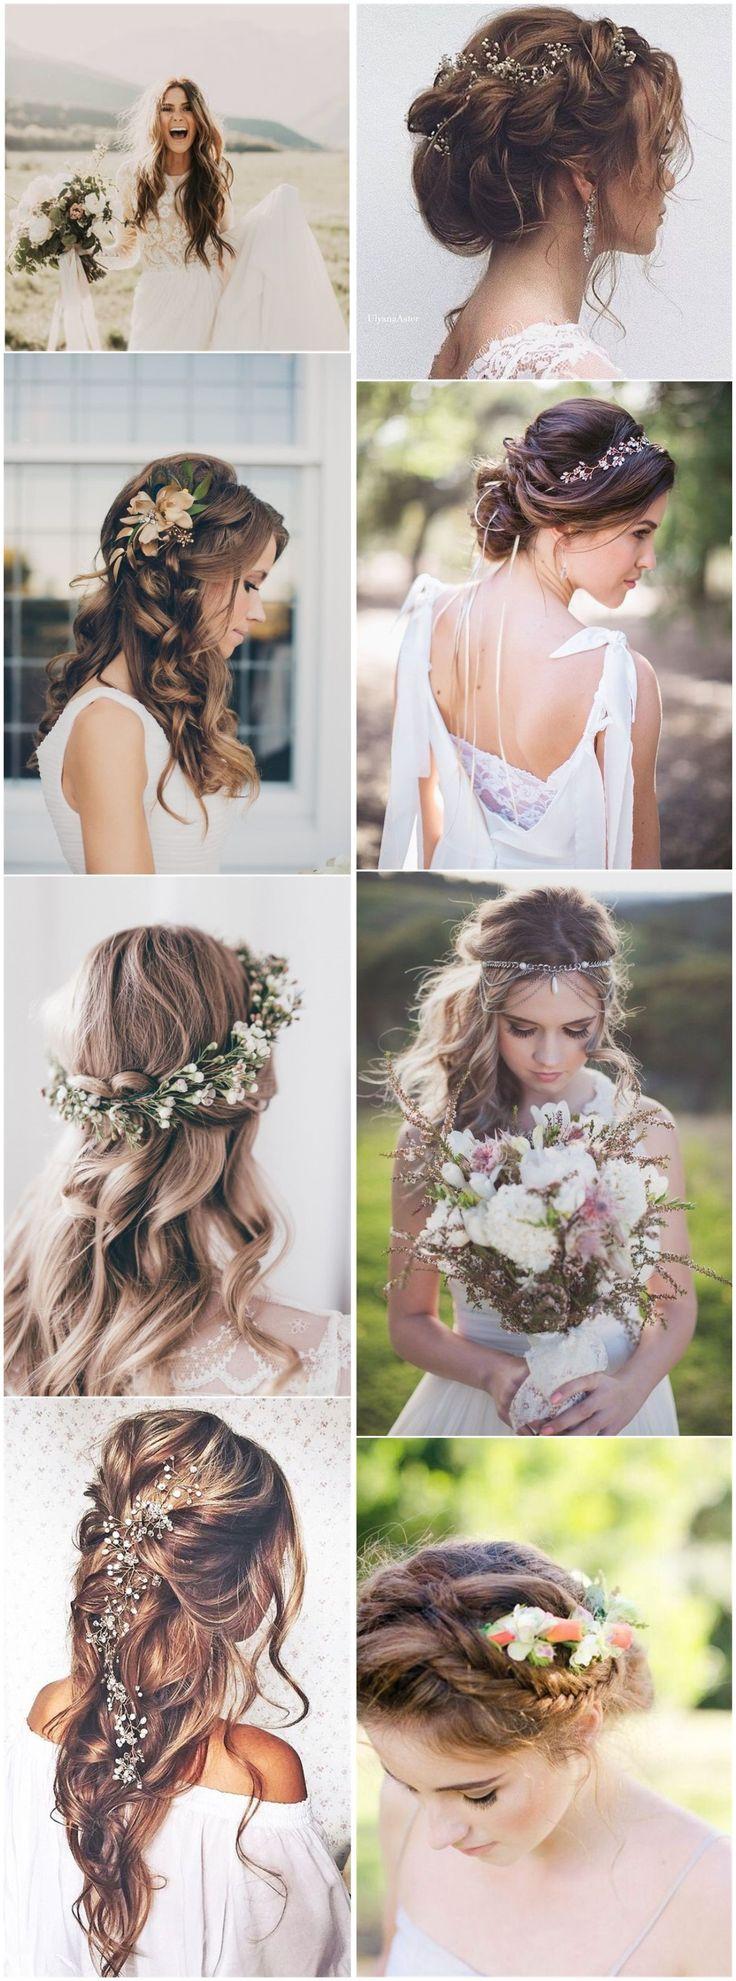 21 Inspirierende Ideen für Boho-Brautfrisuren zum Stehlen